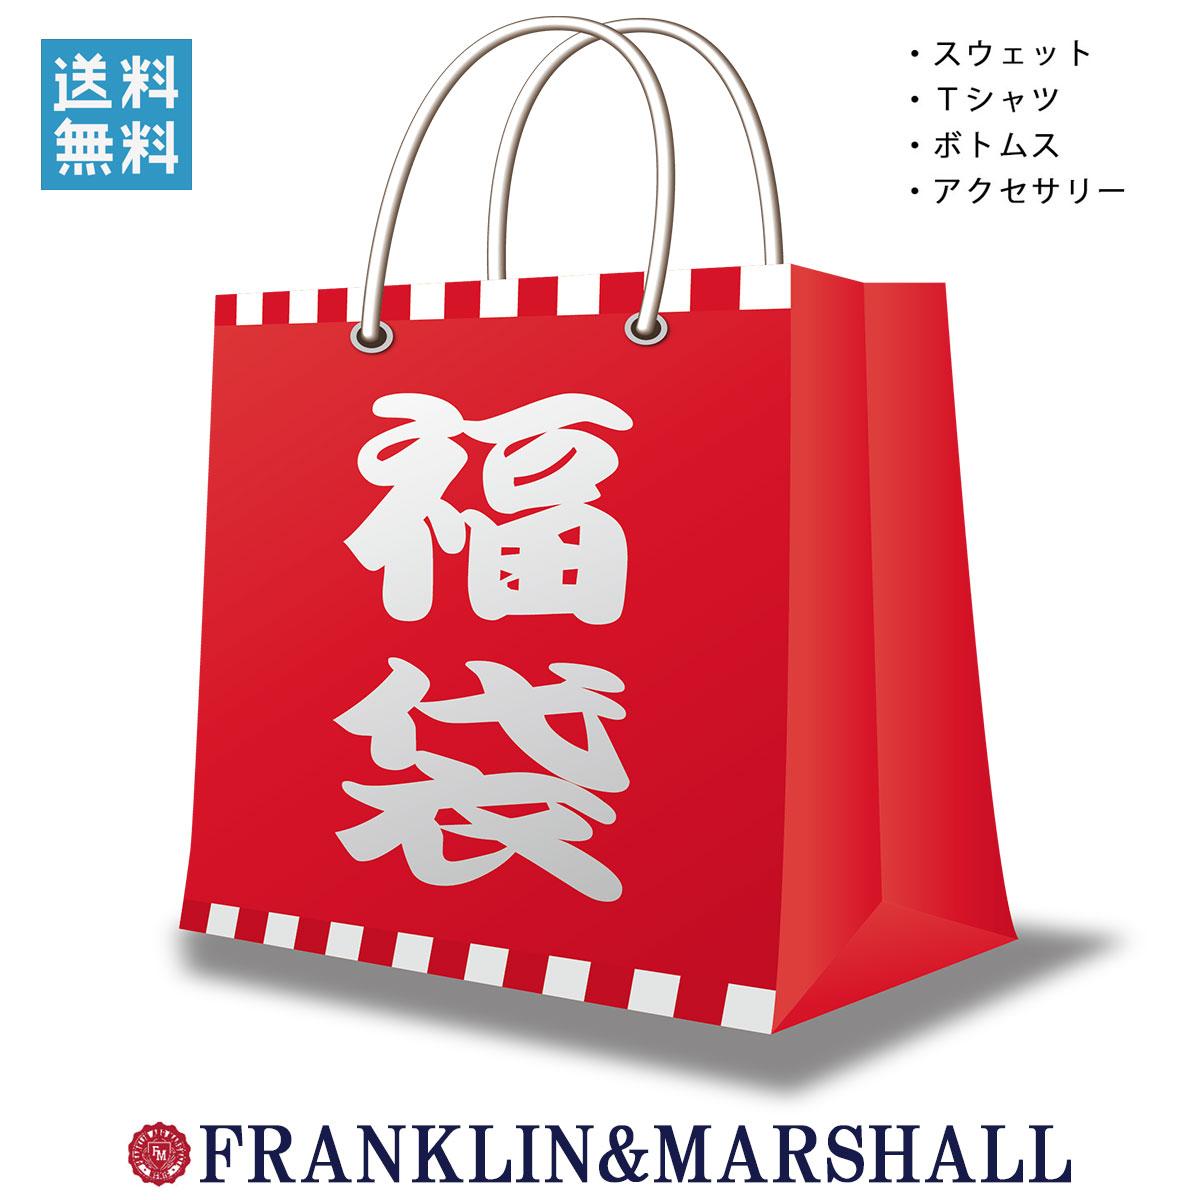 フランクリン マーシャル FRANKLIN&MARSHALL 正規販売店 メンズ 福袋 FRANKLIN&MARSHALL 15,000円福袋 (4-5万円相当 ※内容 ボトムス スエット Tシャツ アクセサリー)